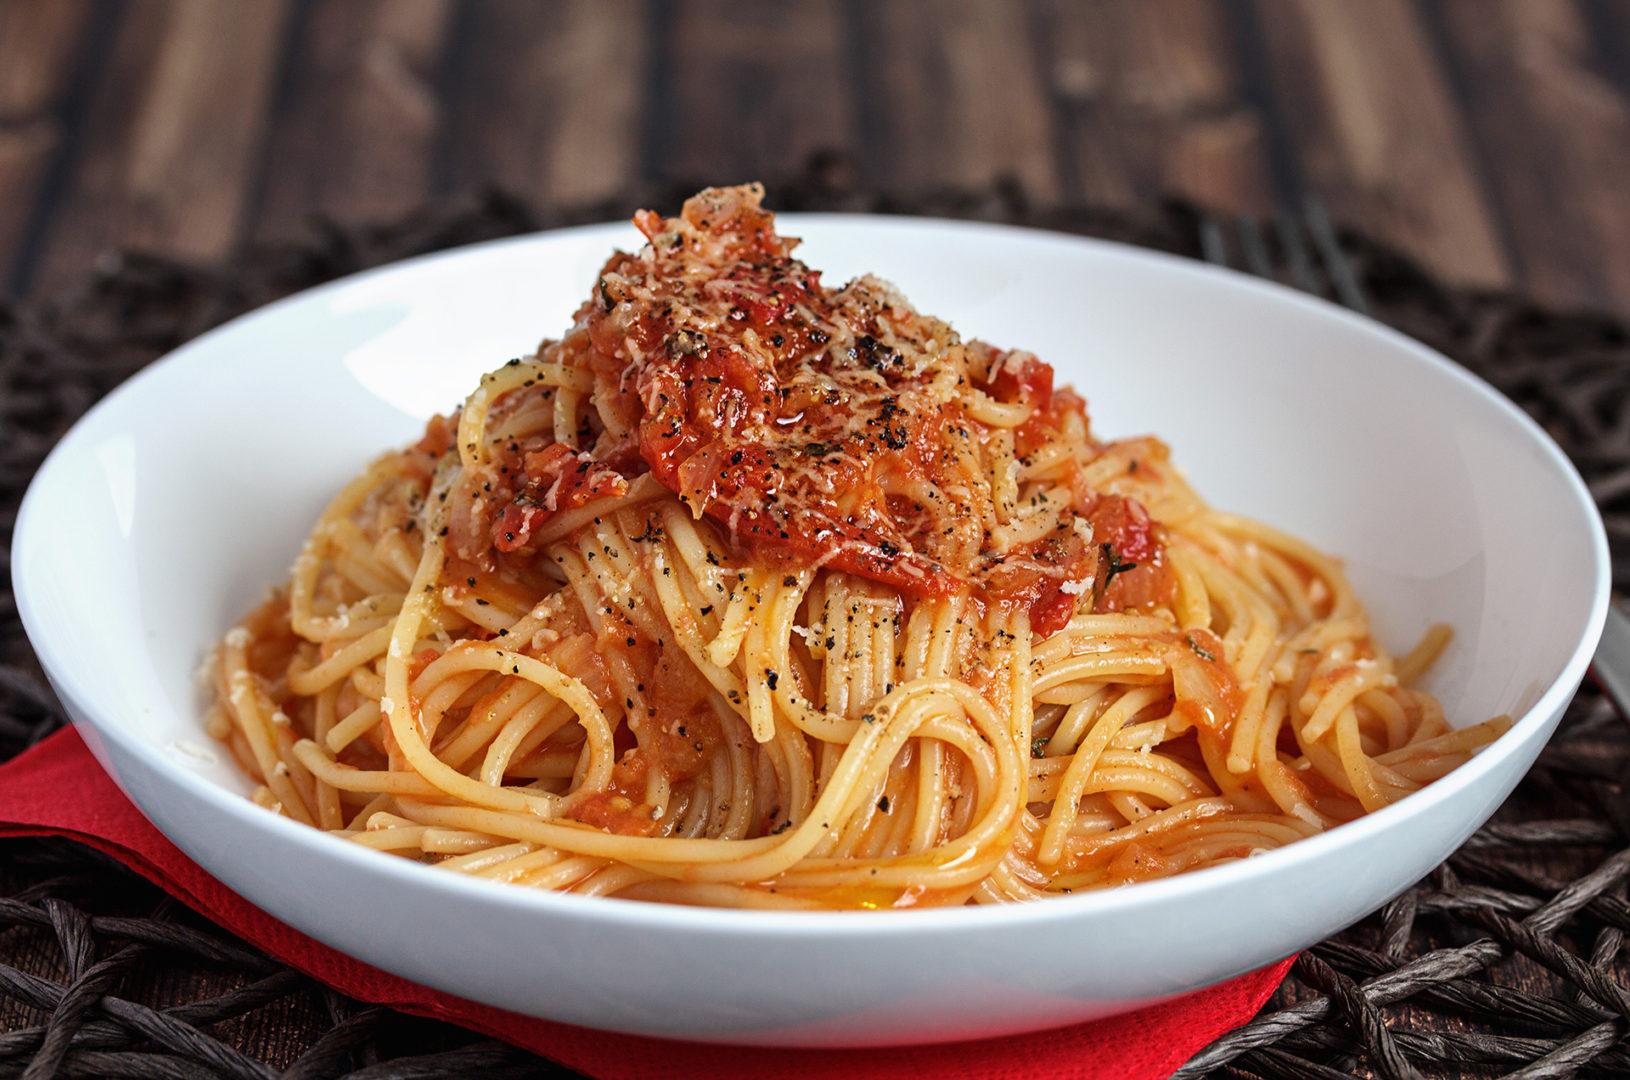 Spaghetti mit Ofen-Tomatensoße und Parmesan